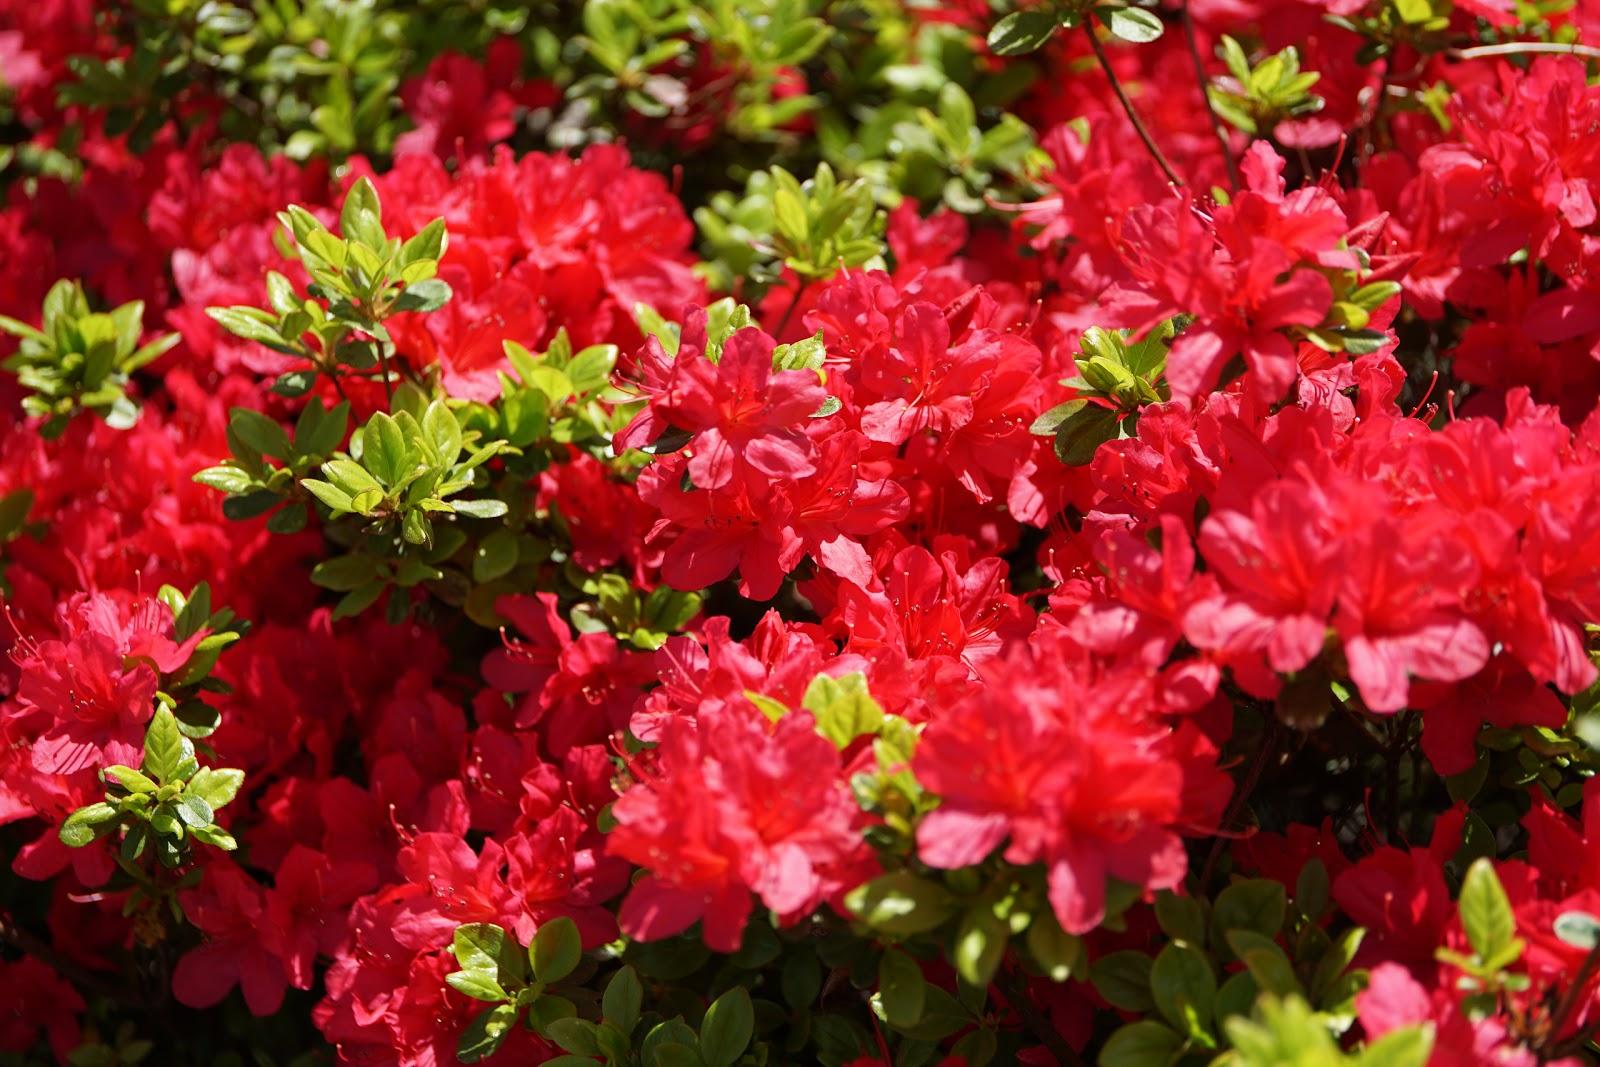 咲き出した赤い躑躅